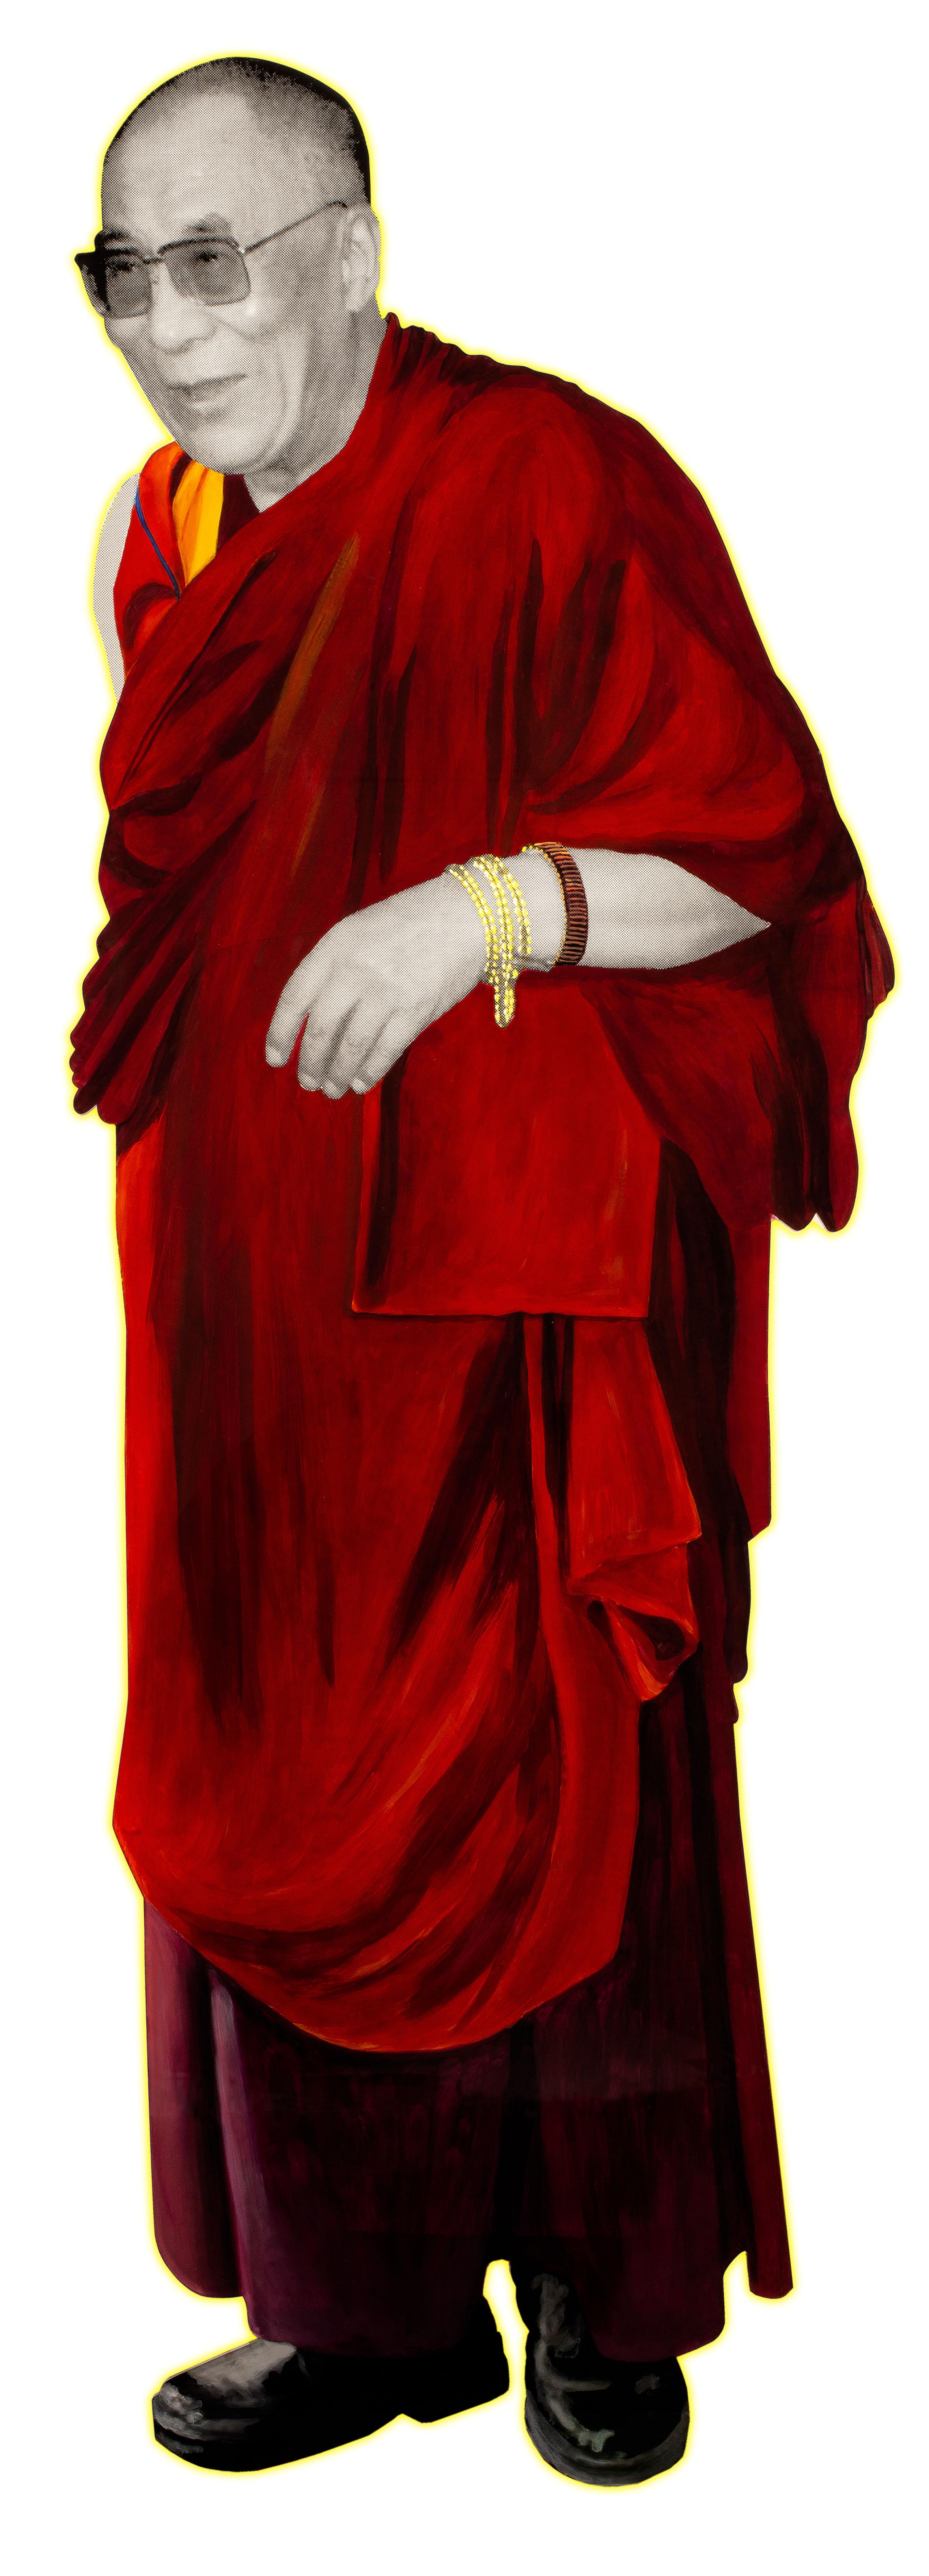 Painted perspex figure